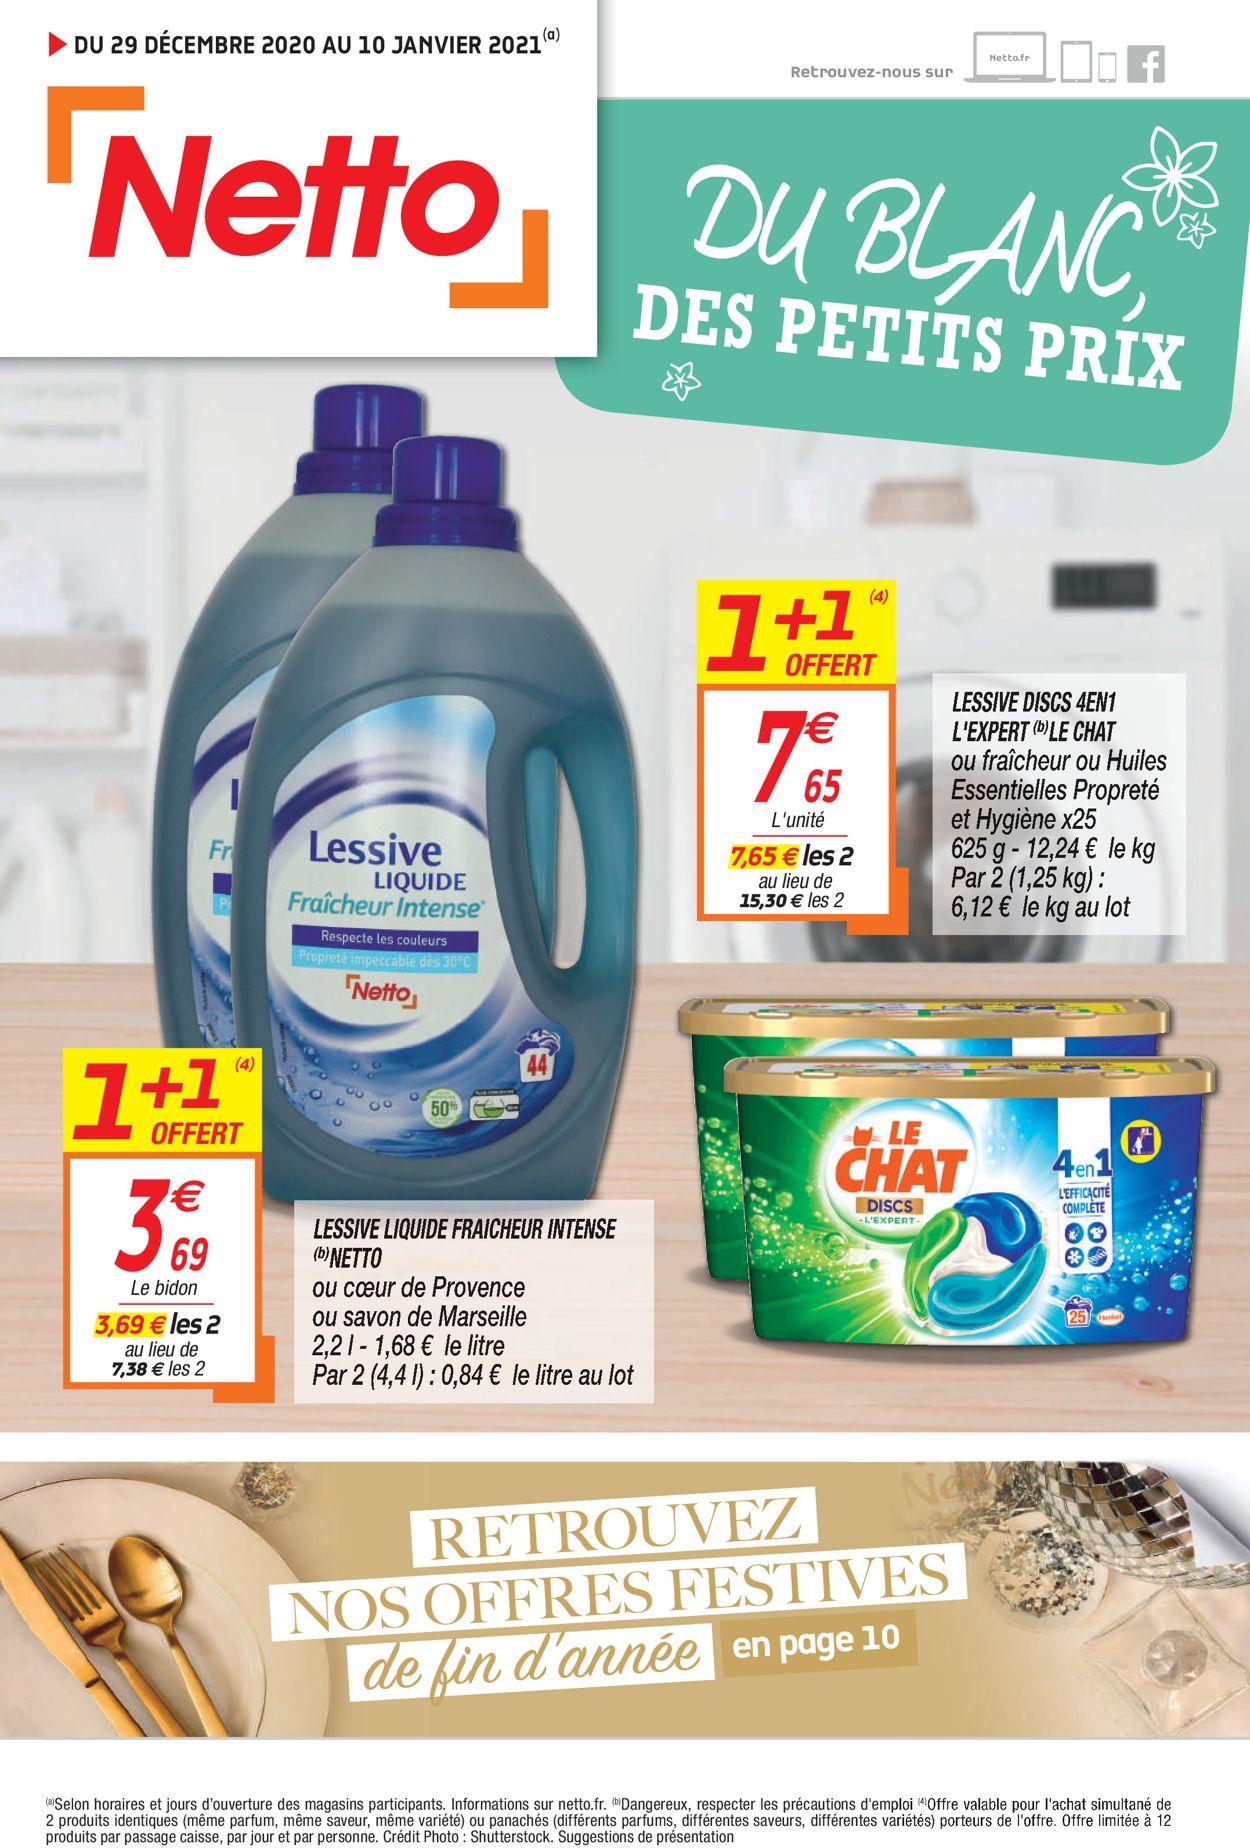 Netto Catalogue - 29.12-10.01.2021